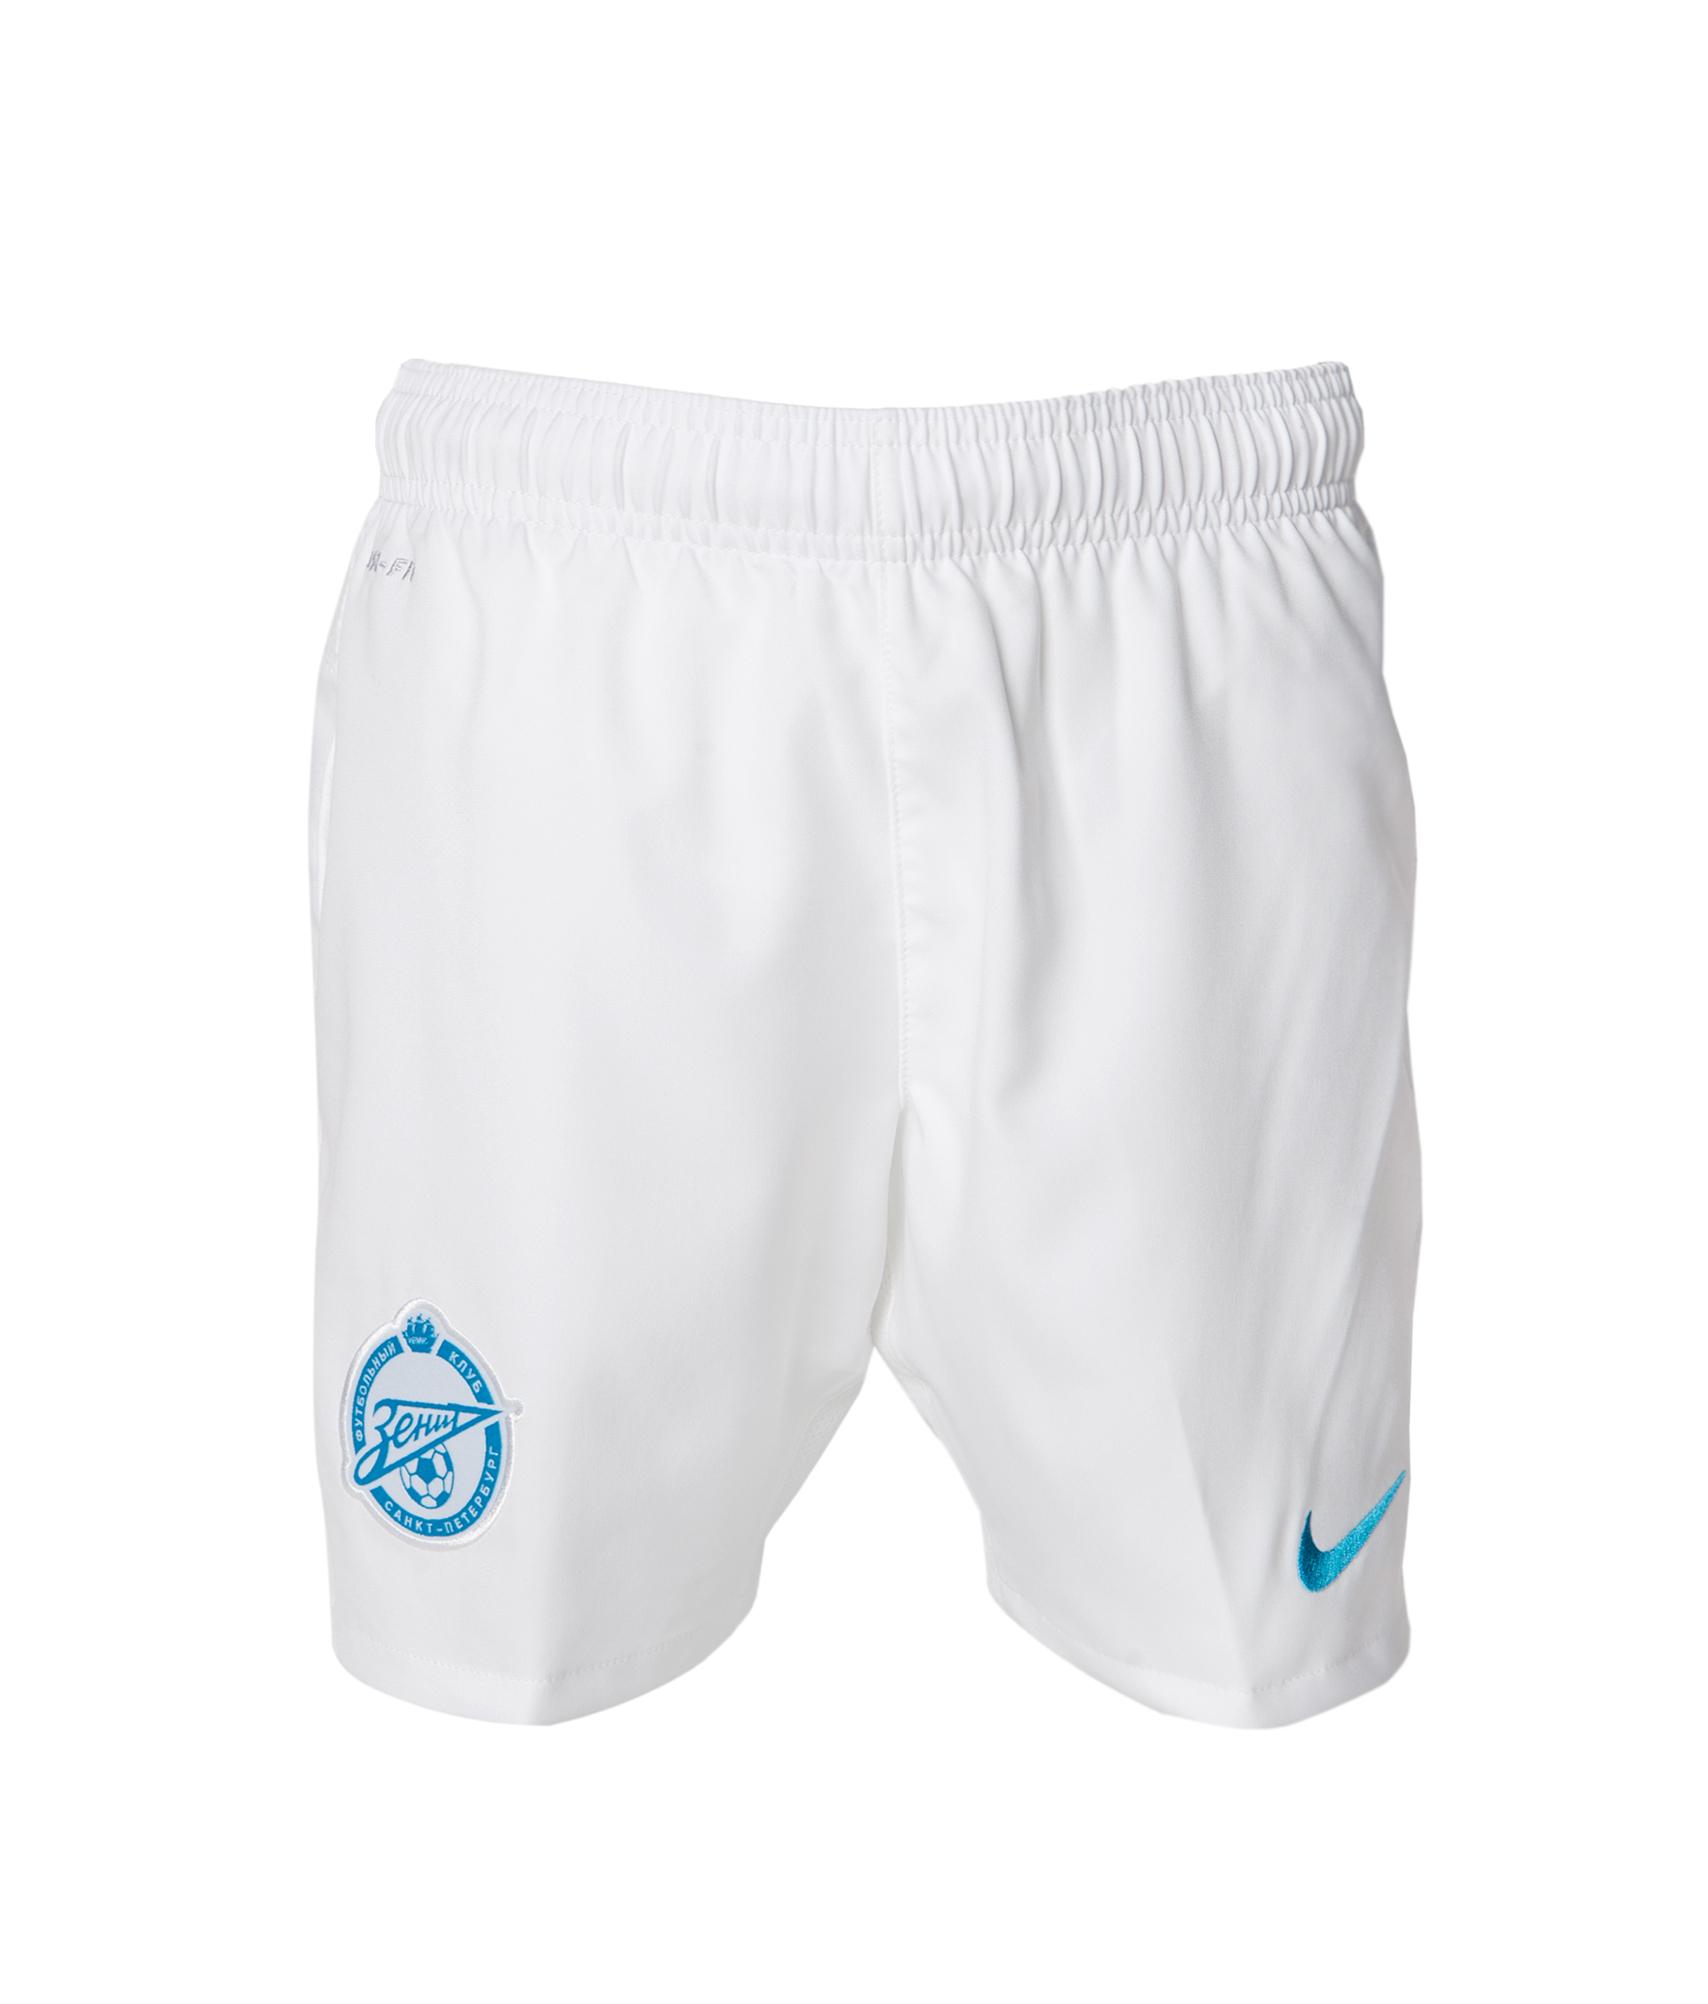 Шорты детские Nike 2012, Цвет-Белый, Размер-XS